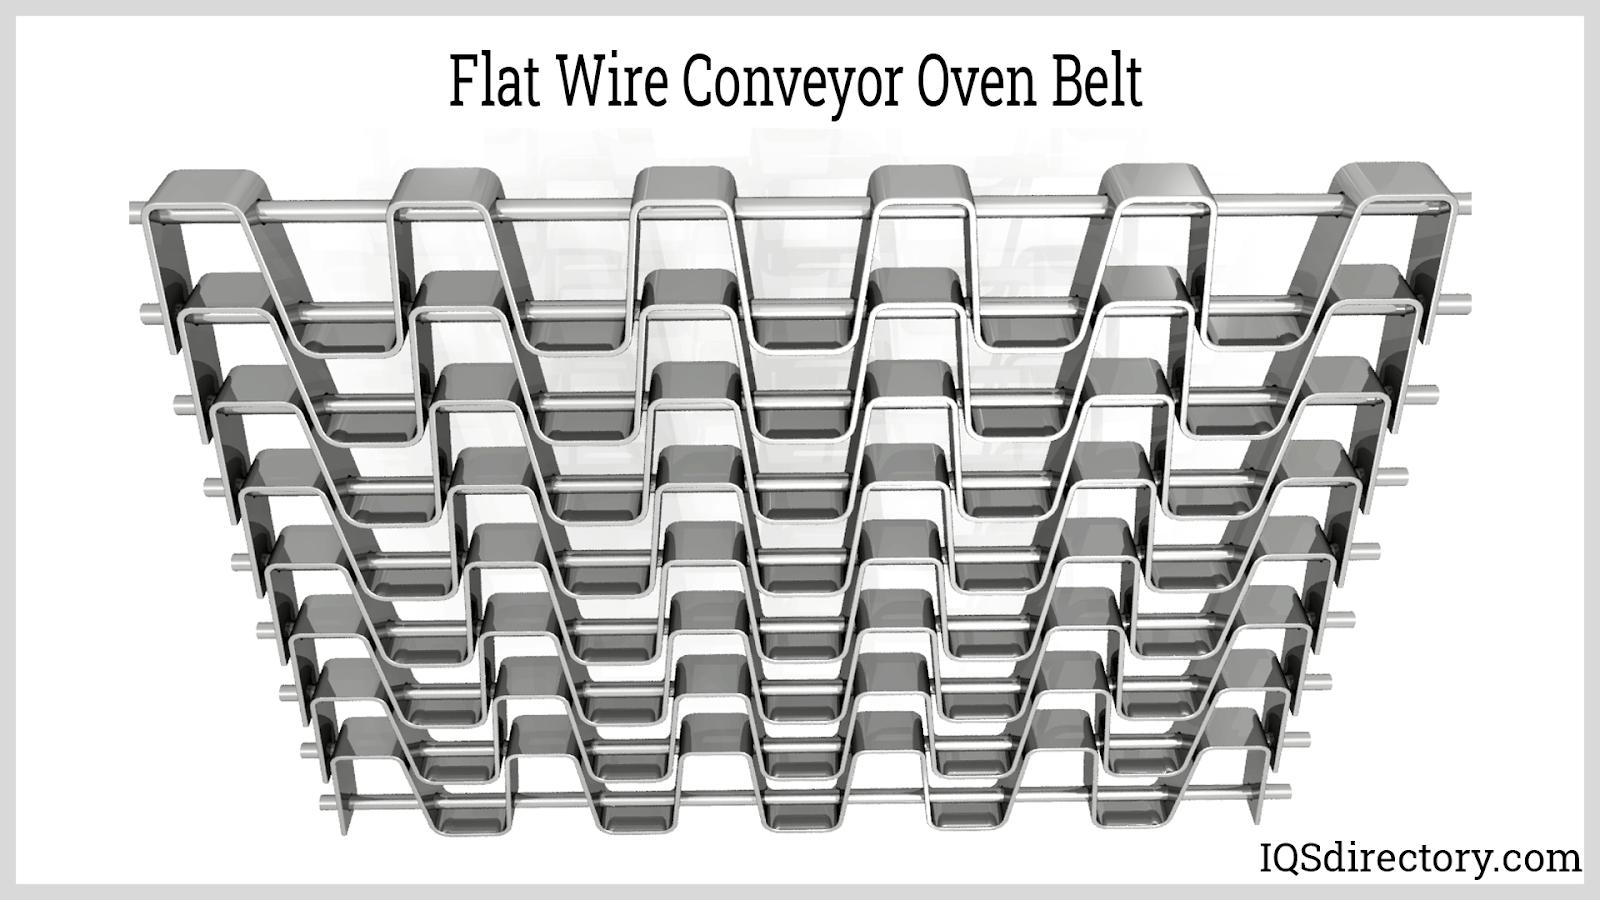 Flat Wire Conveyor Oven Belt